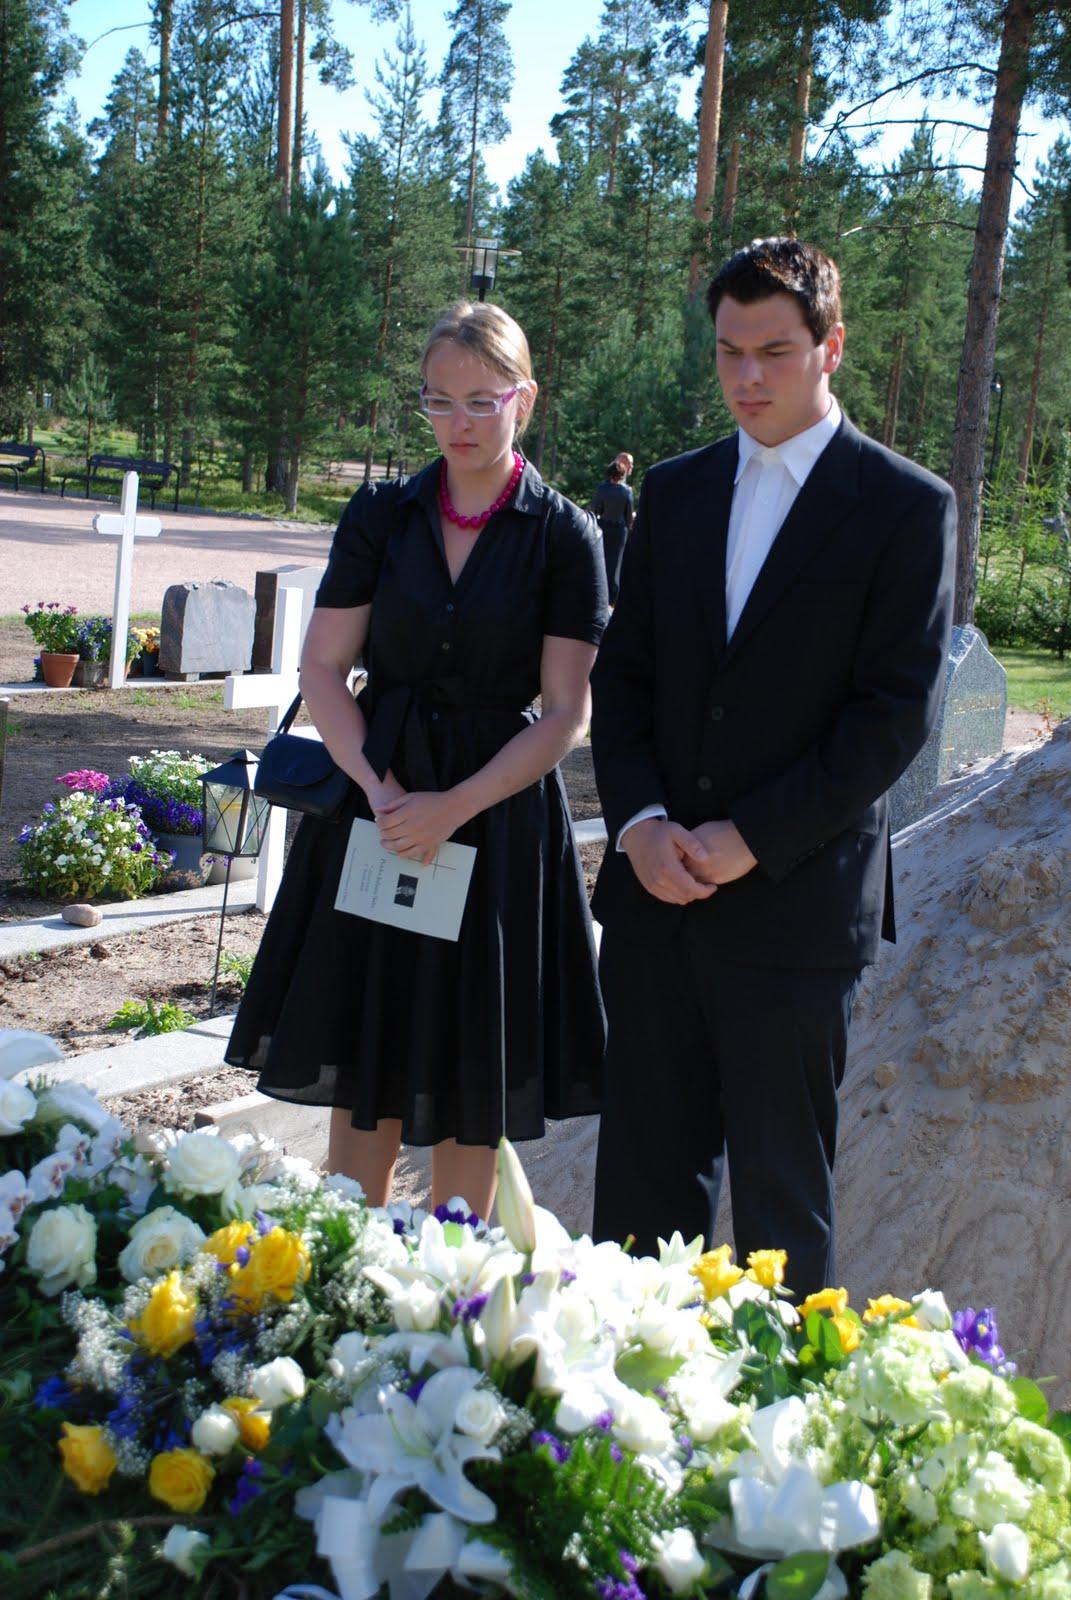 klädsel begravning dam